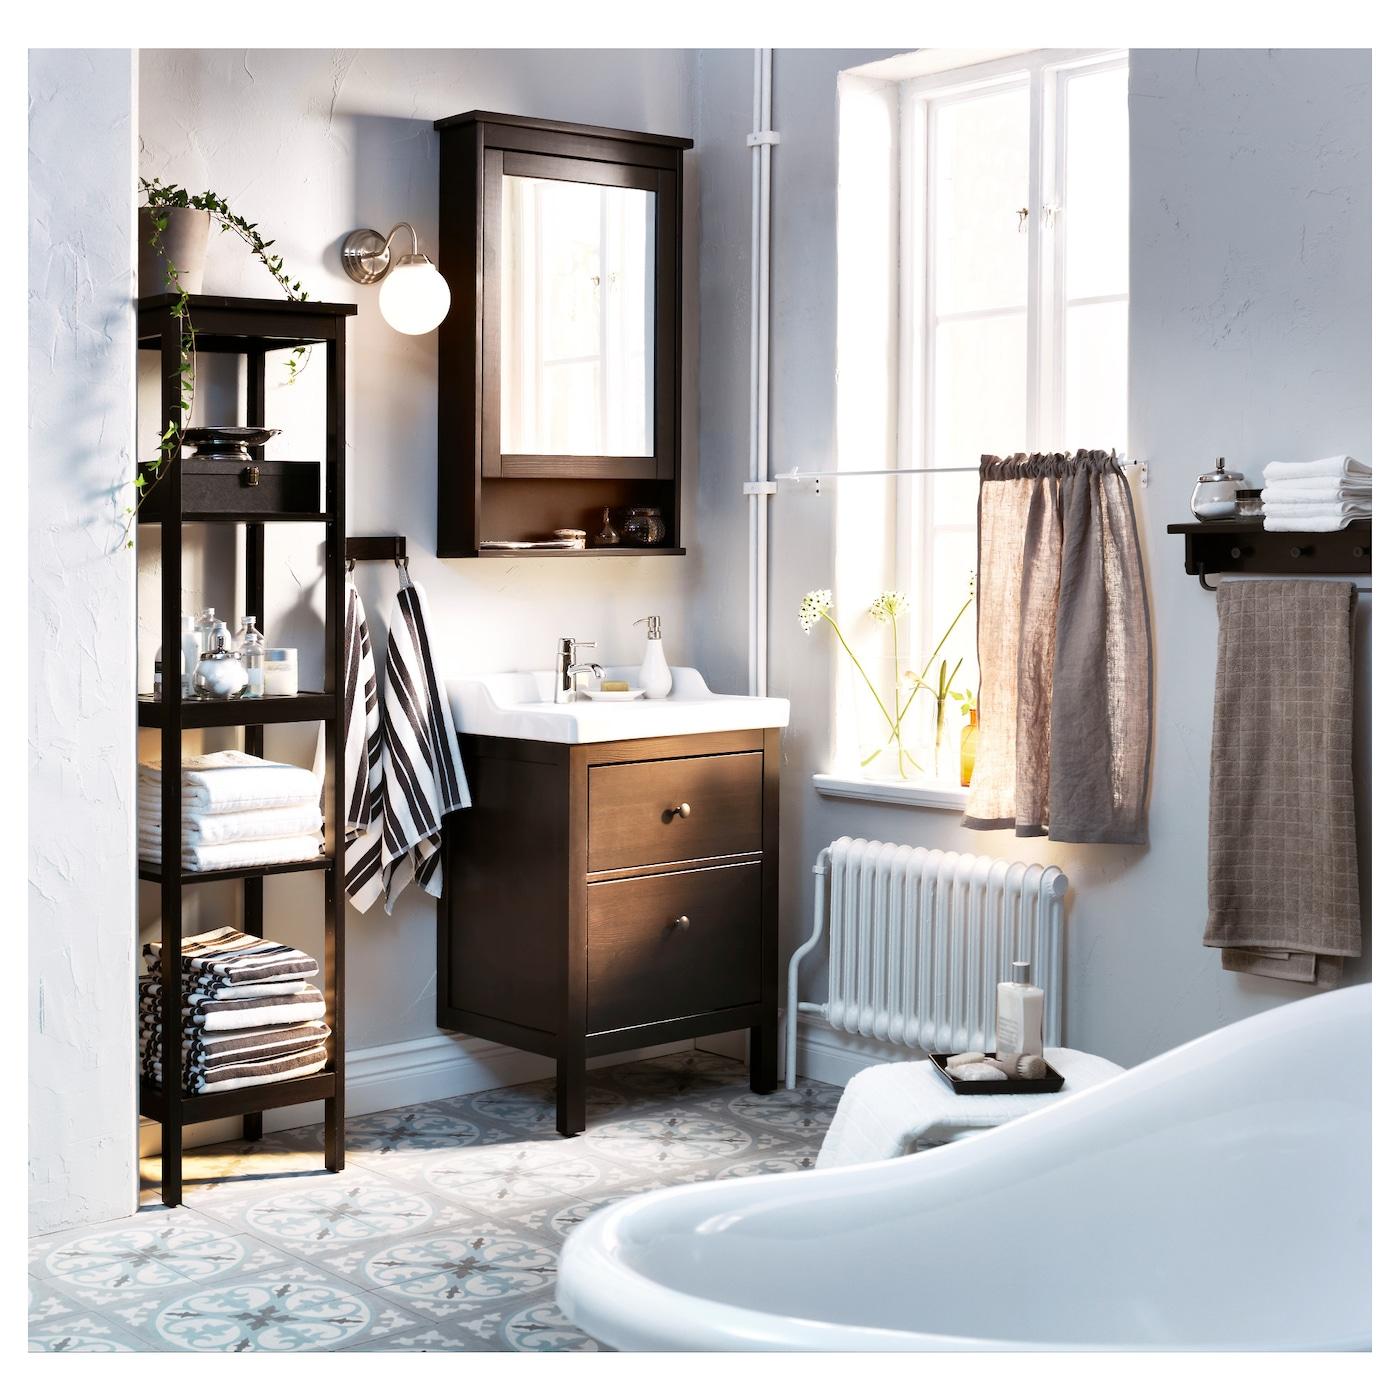 HEMNES Mirror Cabinet With 1 Door Black-brown Stain 63x16x98 Cm